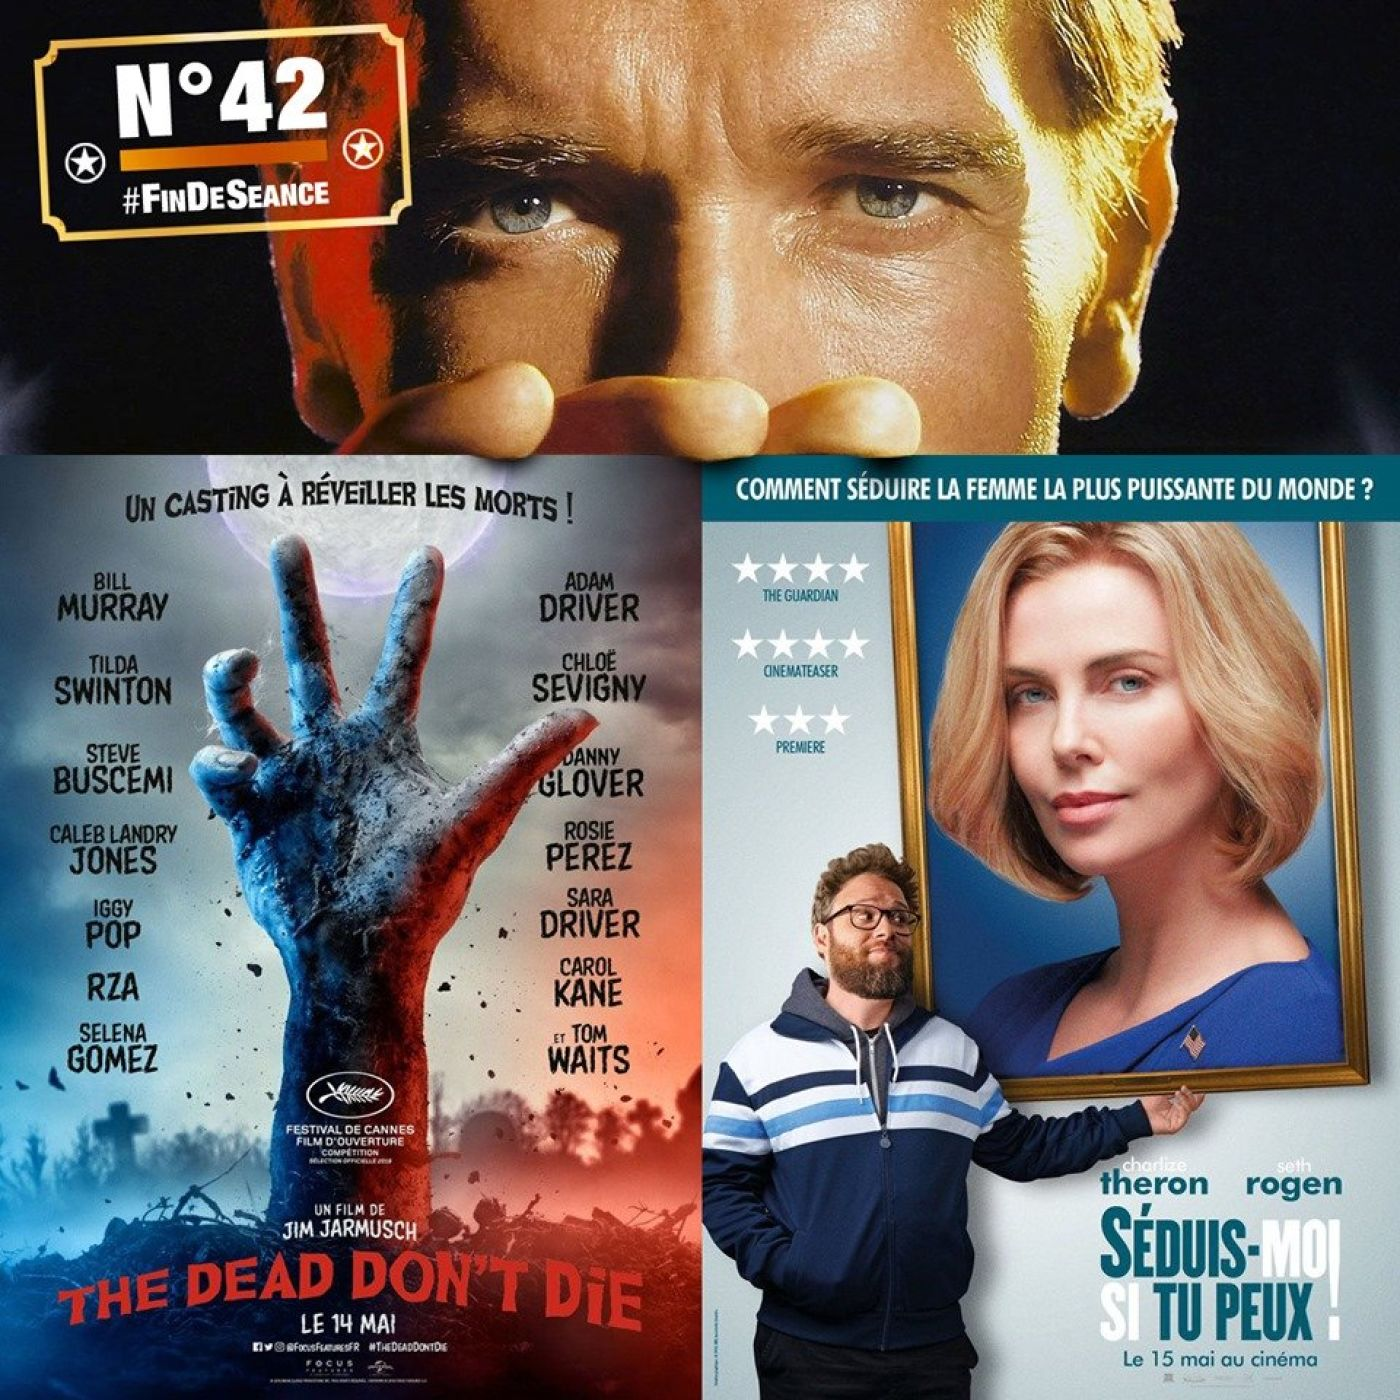 #42 THE DEAD DON'T DIE & SÉDUIS-MOI SI TU PEUX : Balance ton zombie !